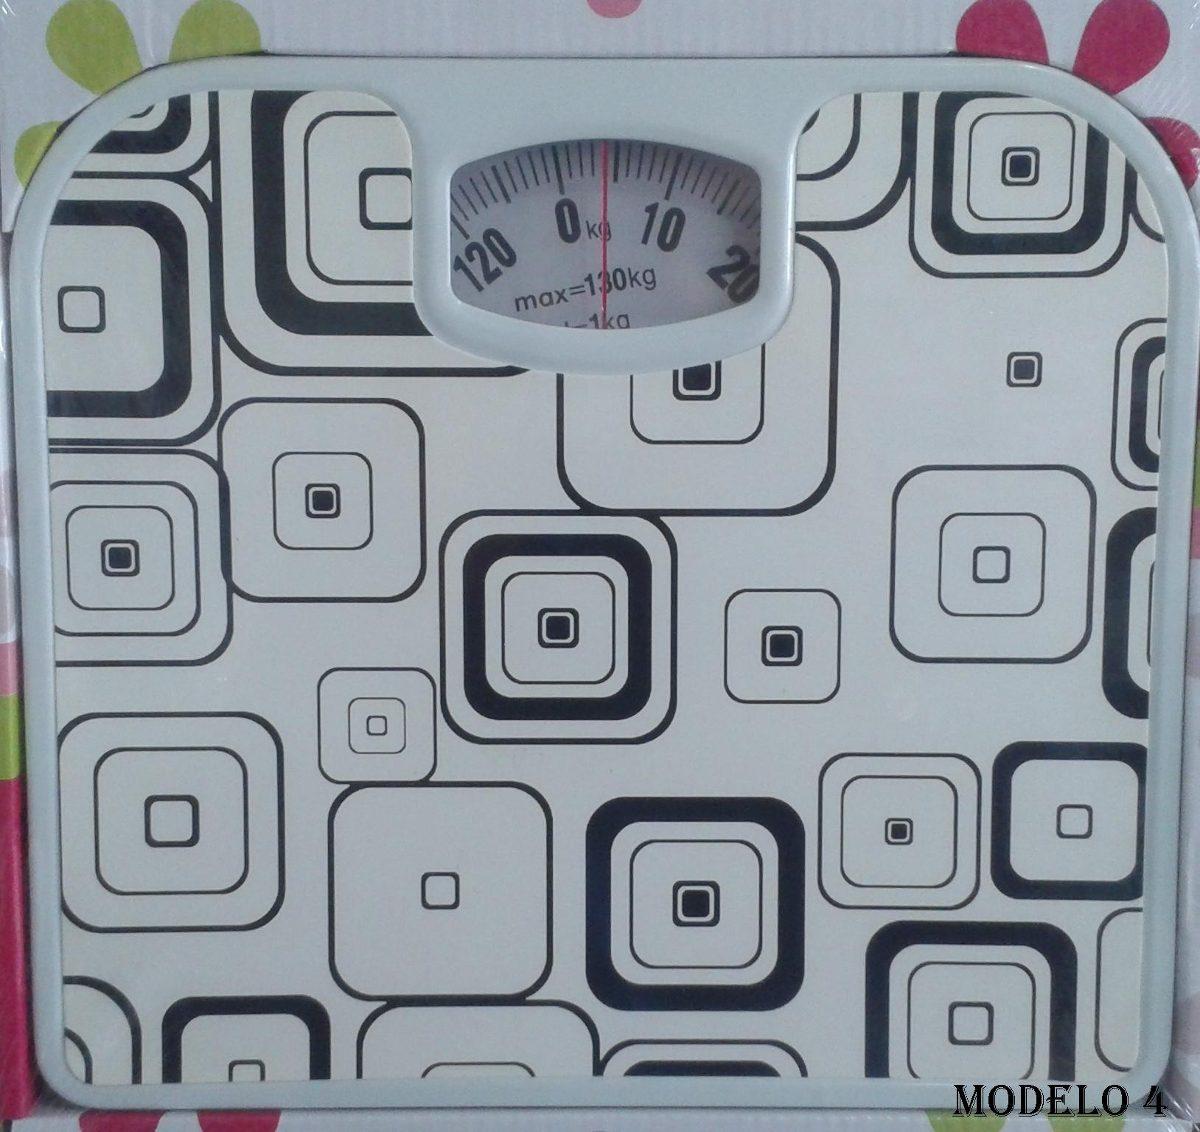 Balança De Banheiro Decorada Analógica Max 130kg Unicasa R$ 24  #7C2B49 1200x1132 Balança De Banheiro Mercado Livre